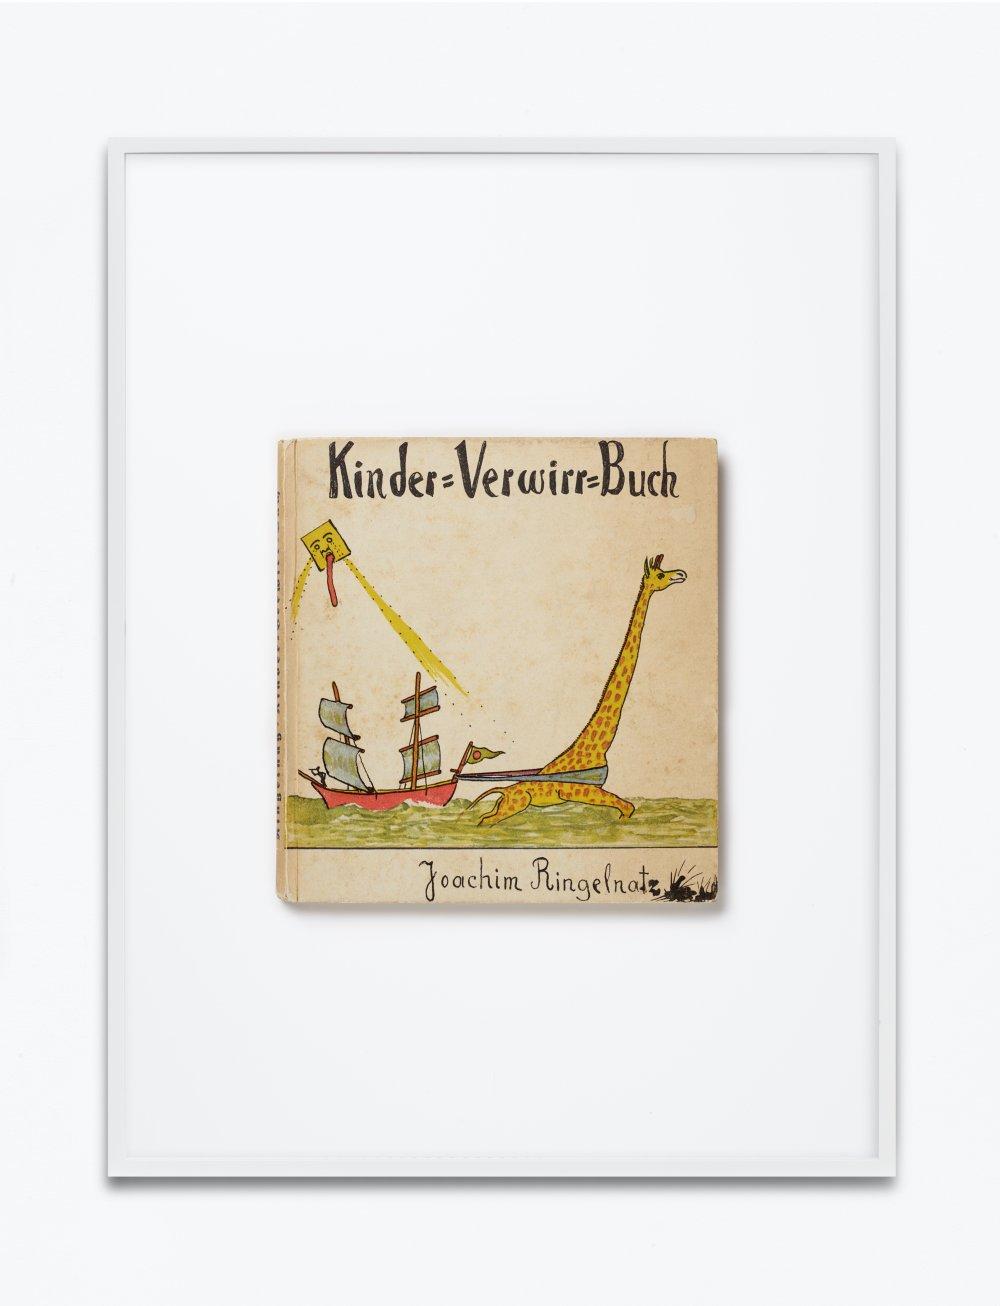 Joachim Ringelnatz, Kinder Verwirr Buch, 1931, Ernst Rowohlt Verlag, Berlin, Einbandgestaltung Joachim Ringelnatz